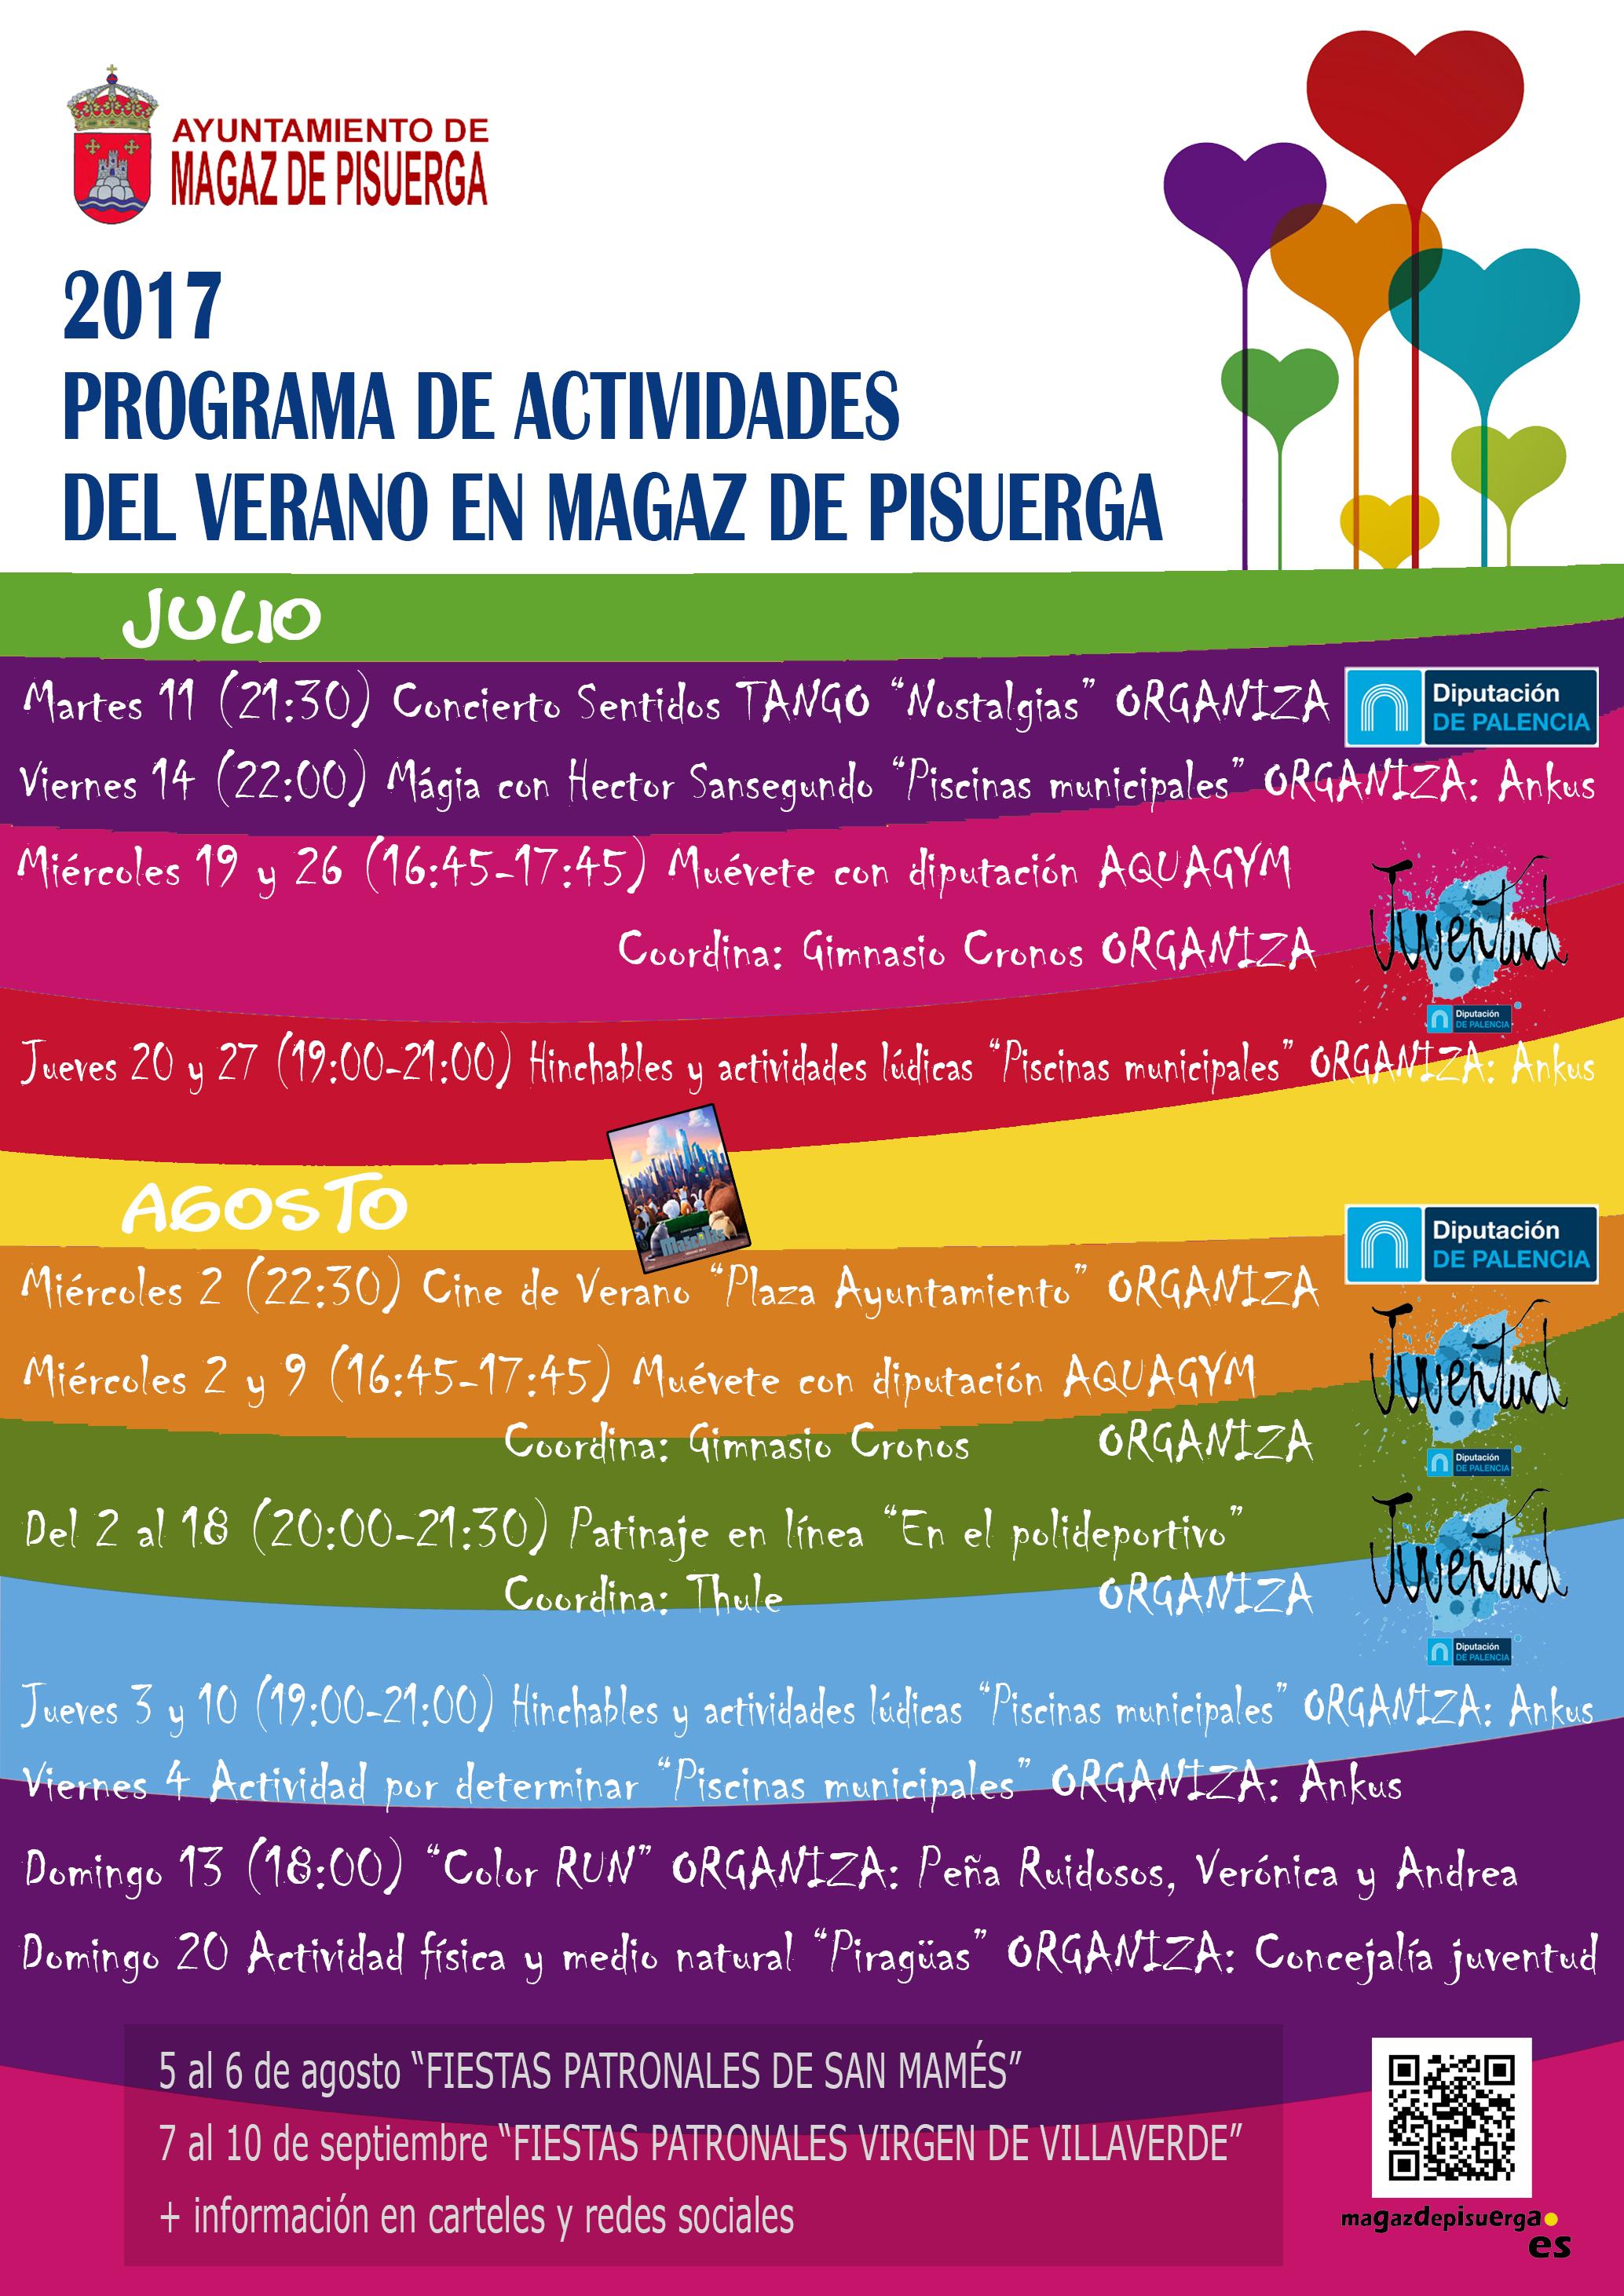 Programa de actividades del verano en Magaz de Pisuerga 2017